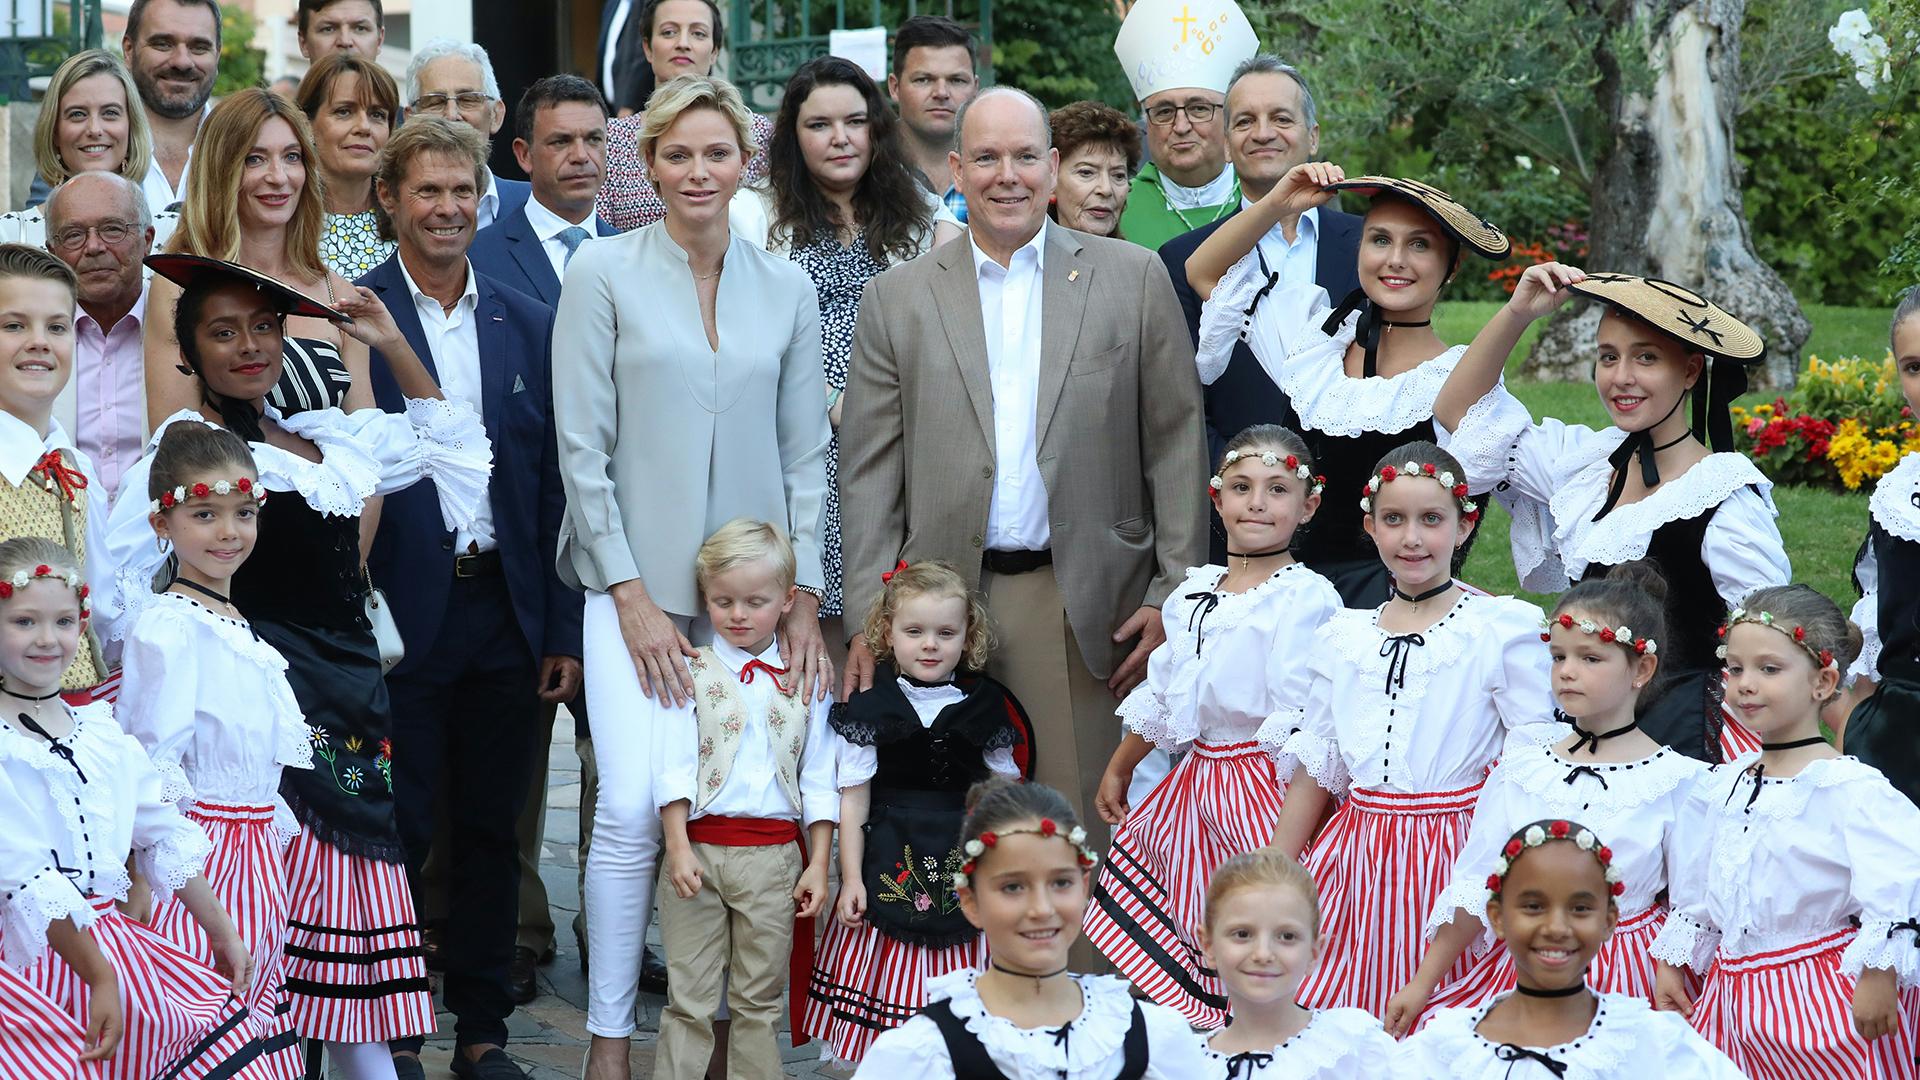 La princesa Charlene volvió a hacer gala de su elegancia con una camisa gris perla, pantalones blancos y stilettos